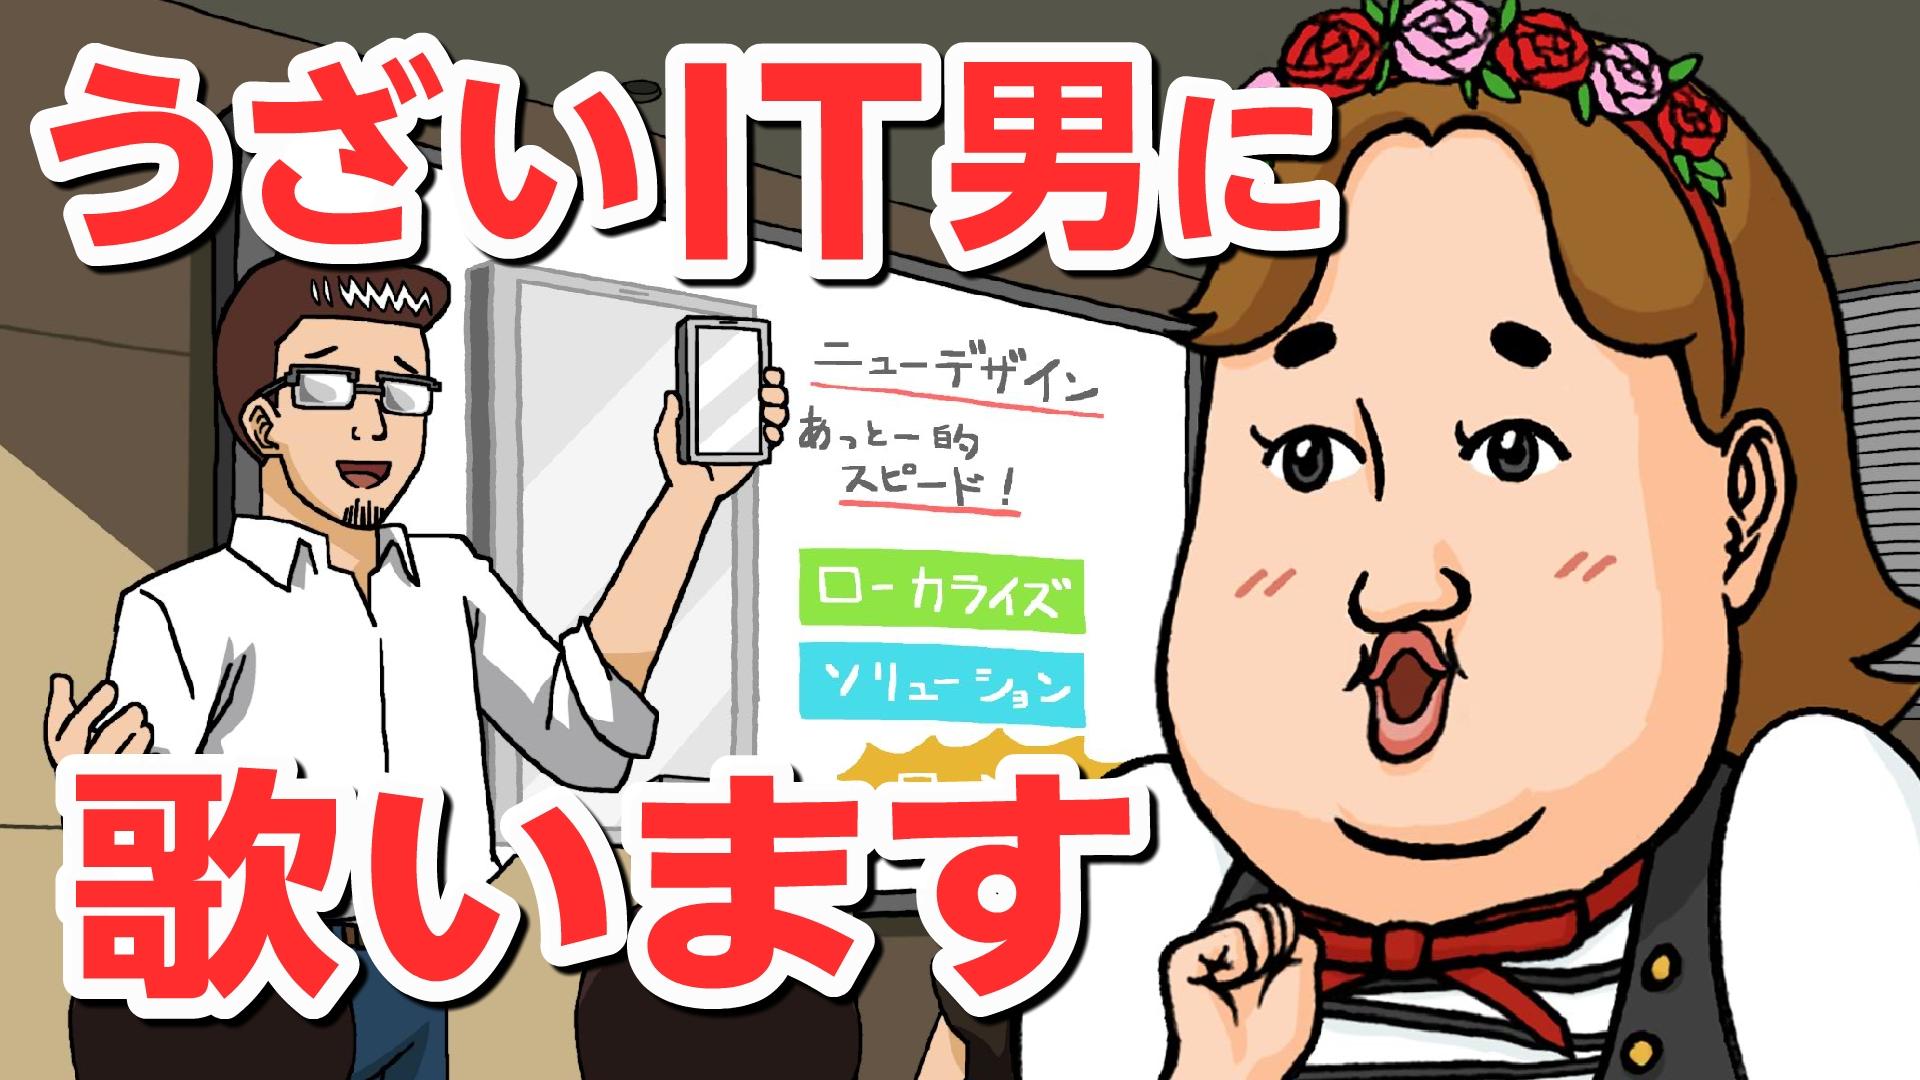 4/23 「きとキュン♡トラベラーwith T」内でお披露目された新作「IT」篇 放送開始